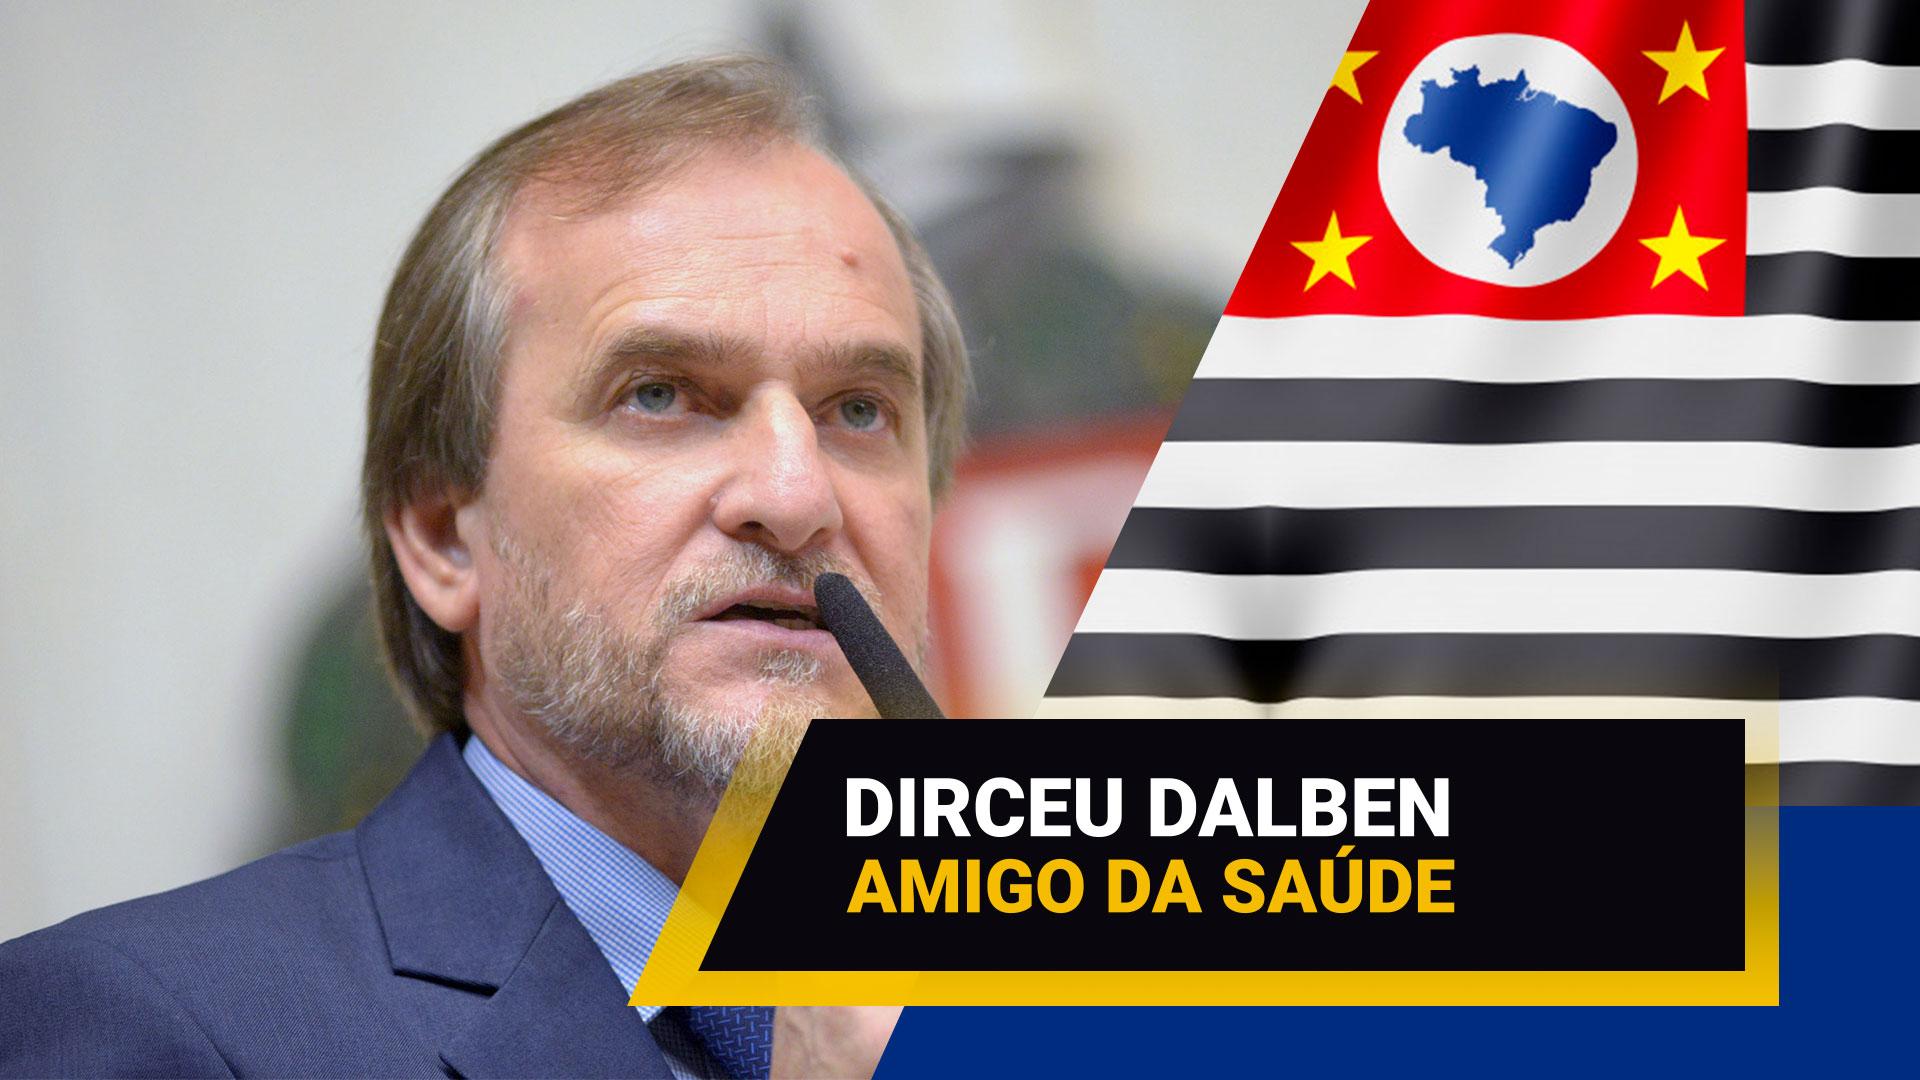 deputado-dirceu-dalben-e-amigo-da-saude - Acao Comunicativa